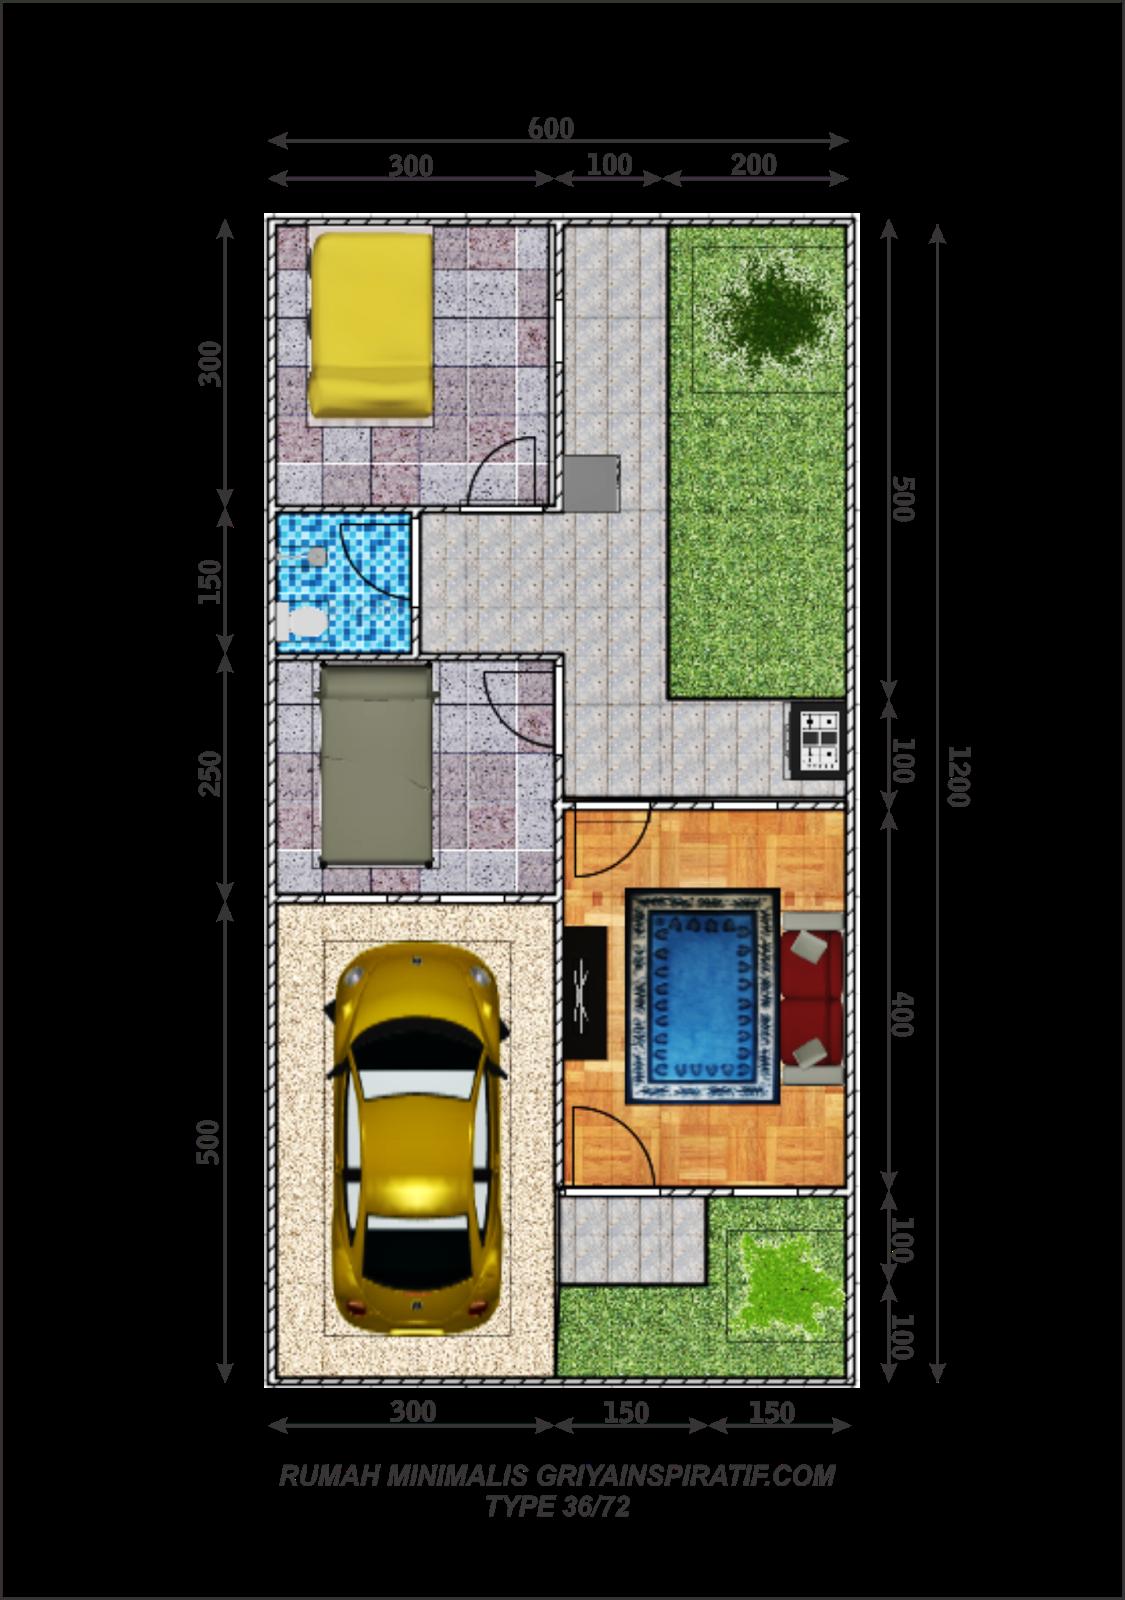 67 Desain Rumah Minimalis Type 36 72 Desain Rumah Minimalis Terbaru